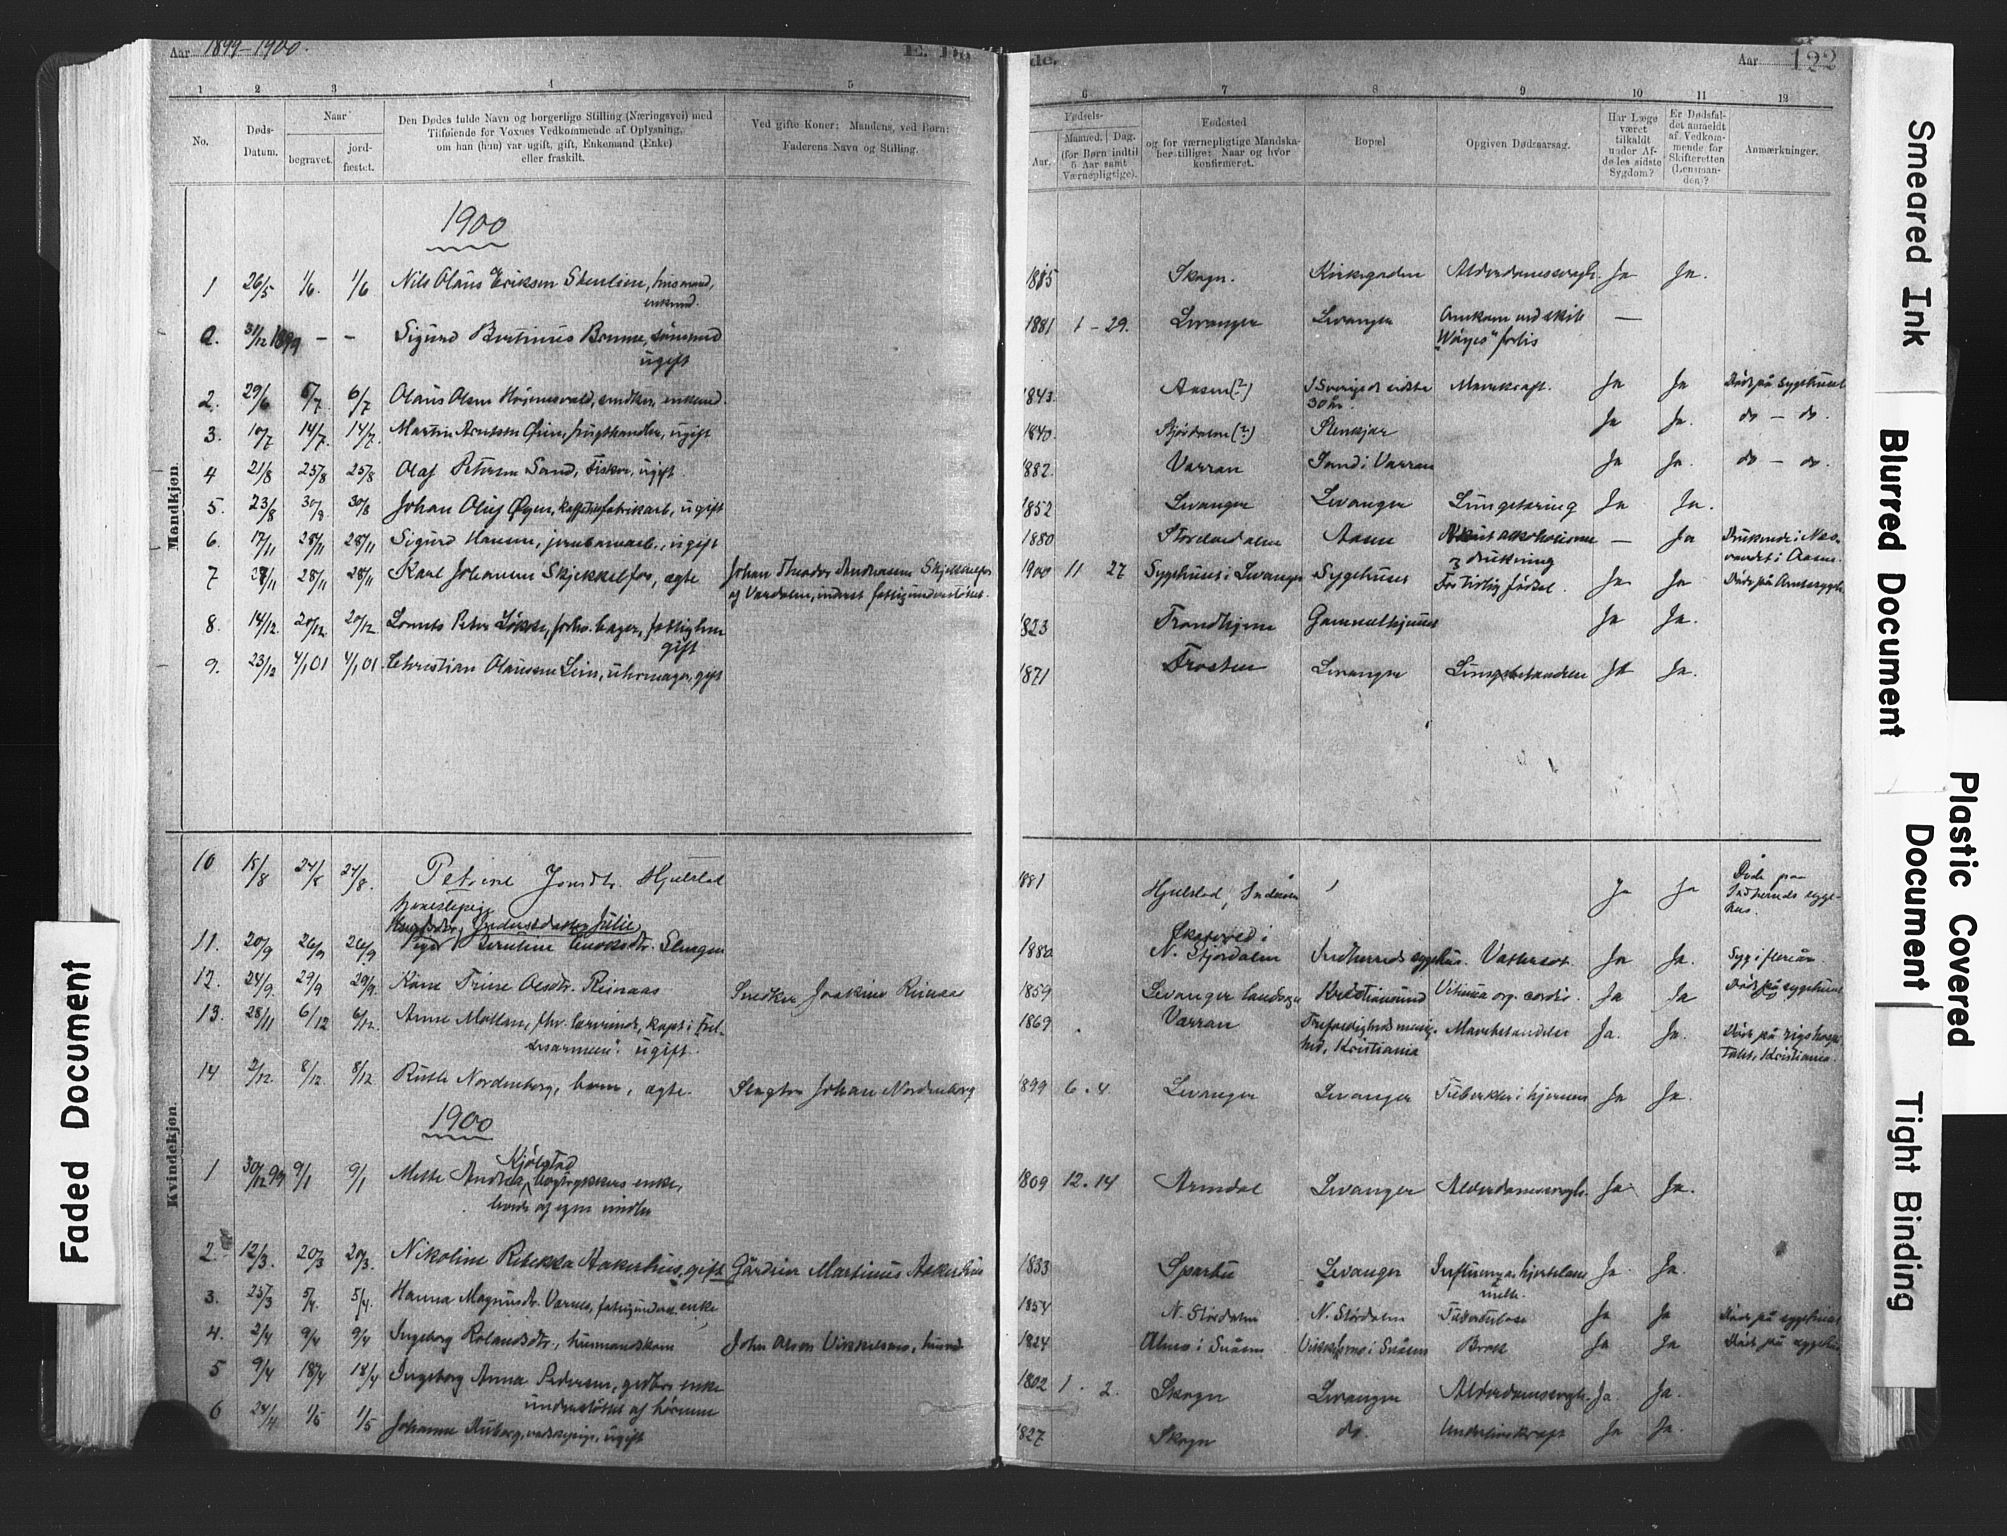 SAT, Ministerialprotokoller, klokkerbøker og fødselsregistre - Nord-Trøndelag, 720/L0189: Ministerialbok nr. 720A05, 1880-1911, s. 122